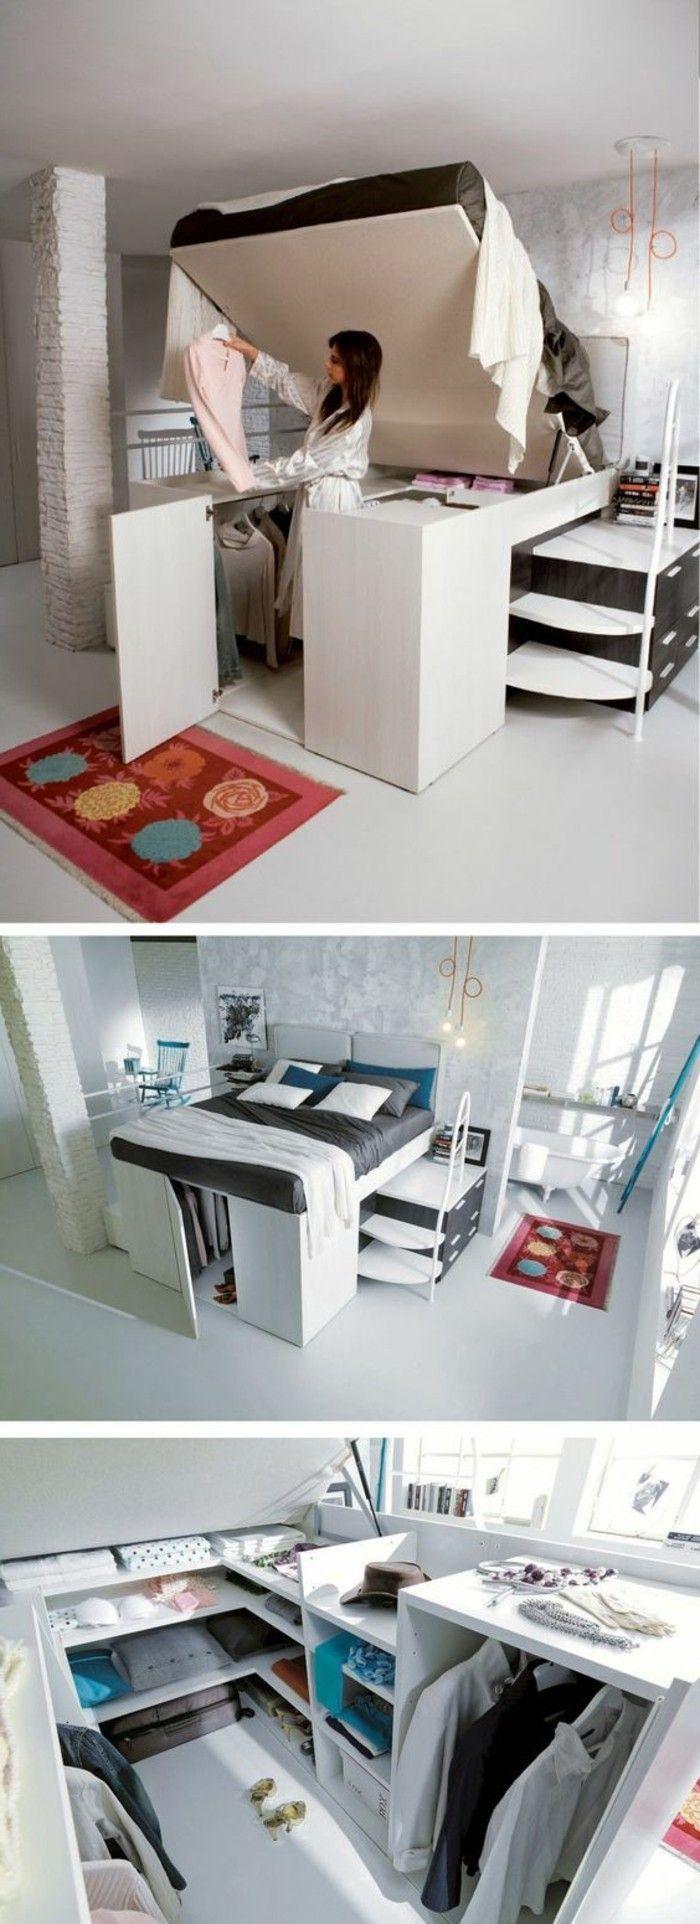 1001 Ideen zum Thema Kleine Räume g